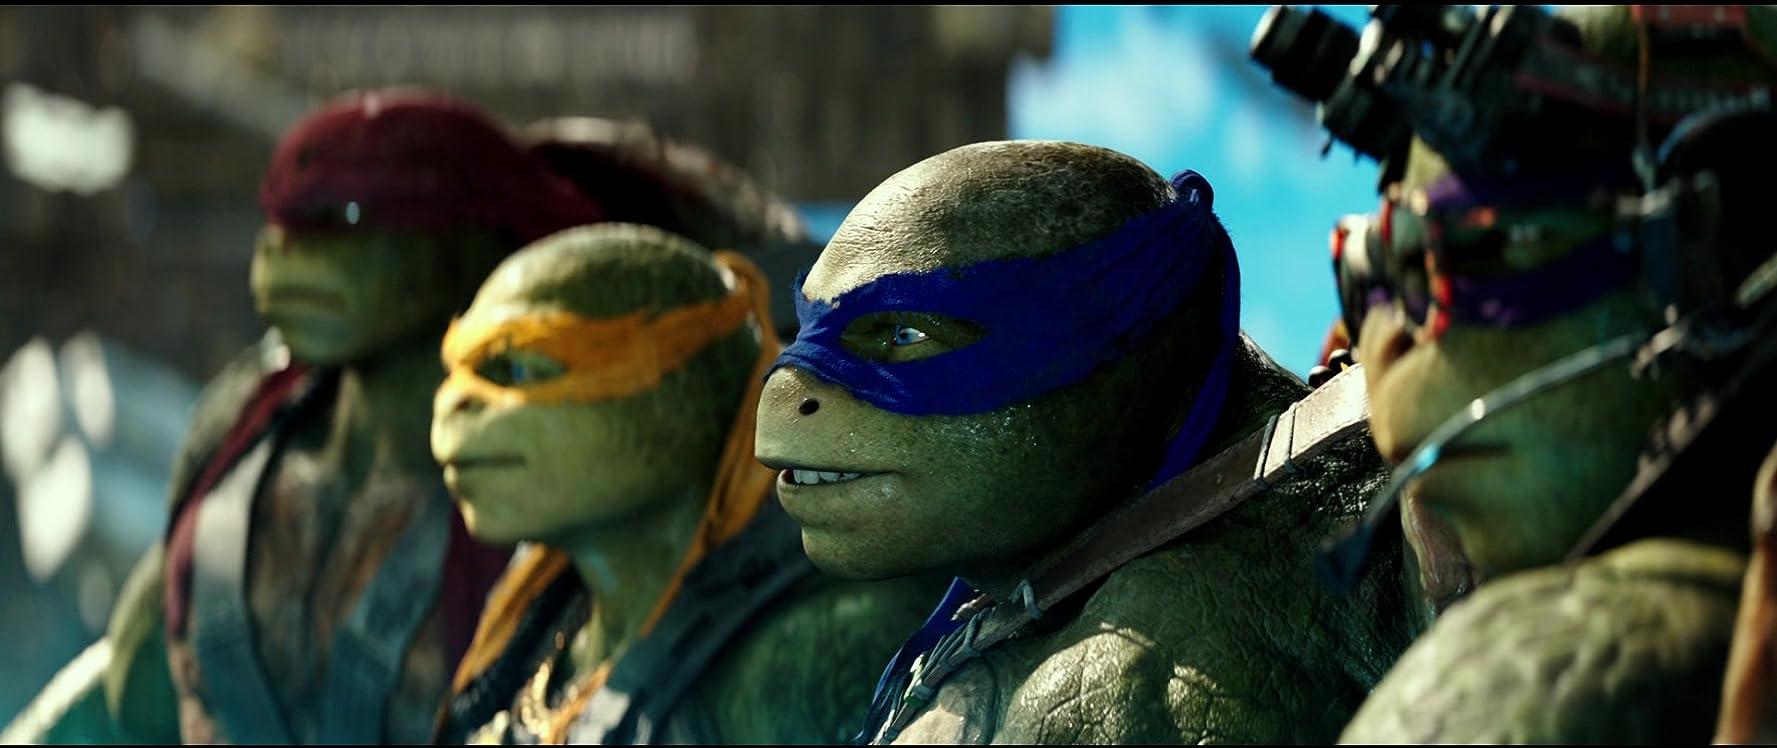 Film Teenage Mutant Ninja Turtles: Out of the Shadows